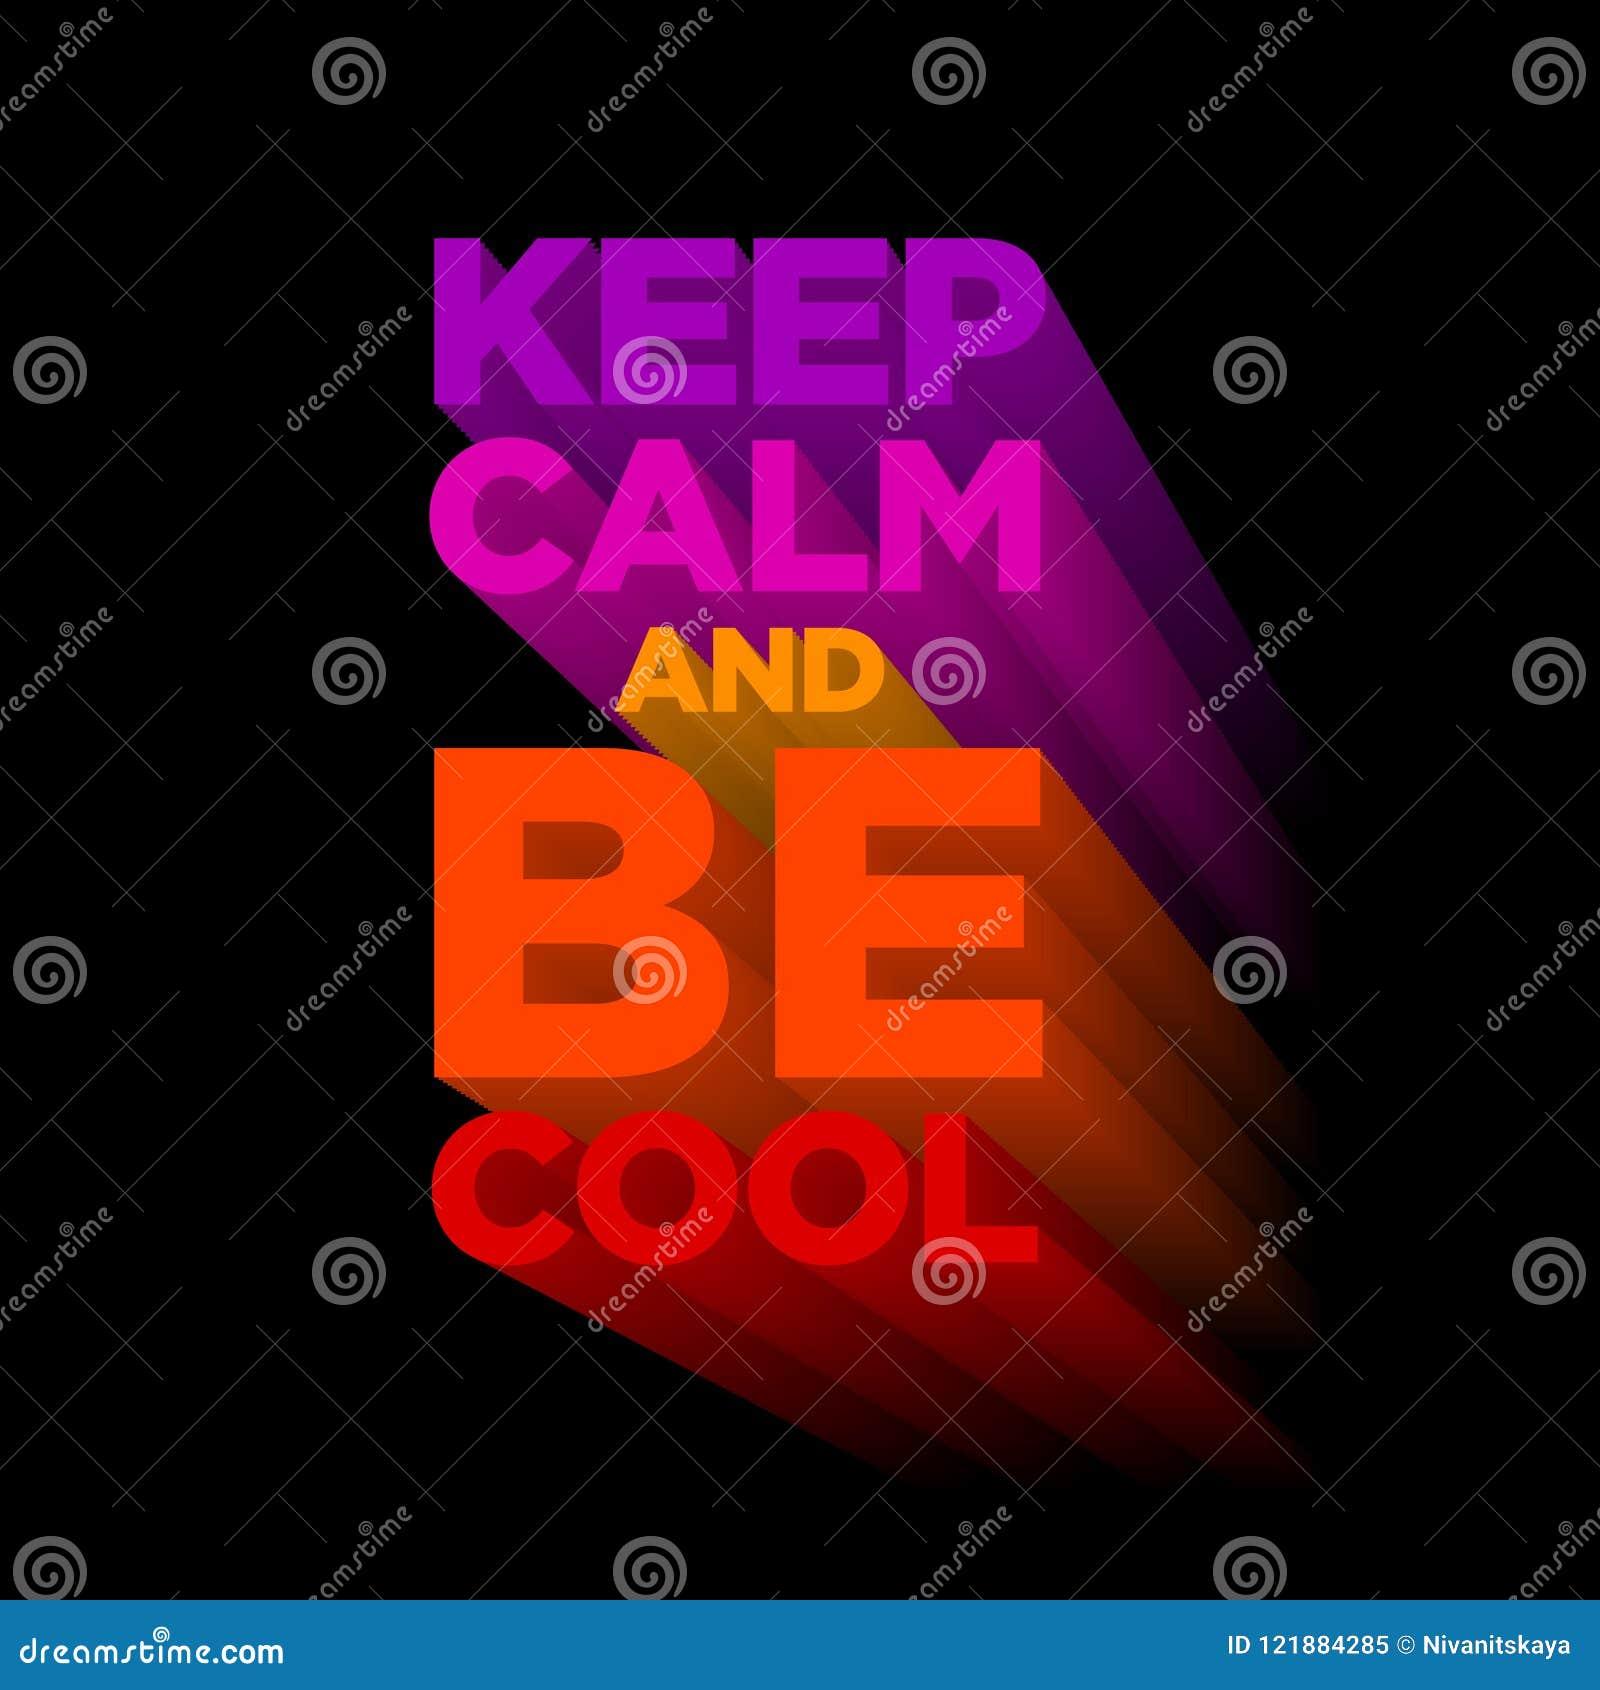 keep calm t shirt making